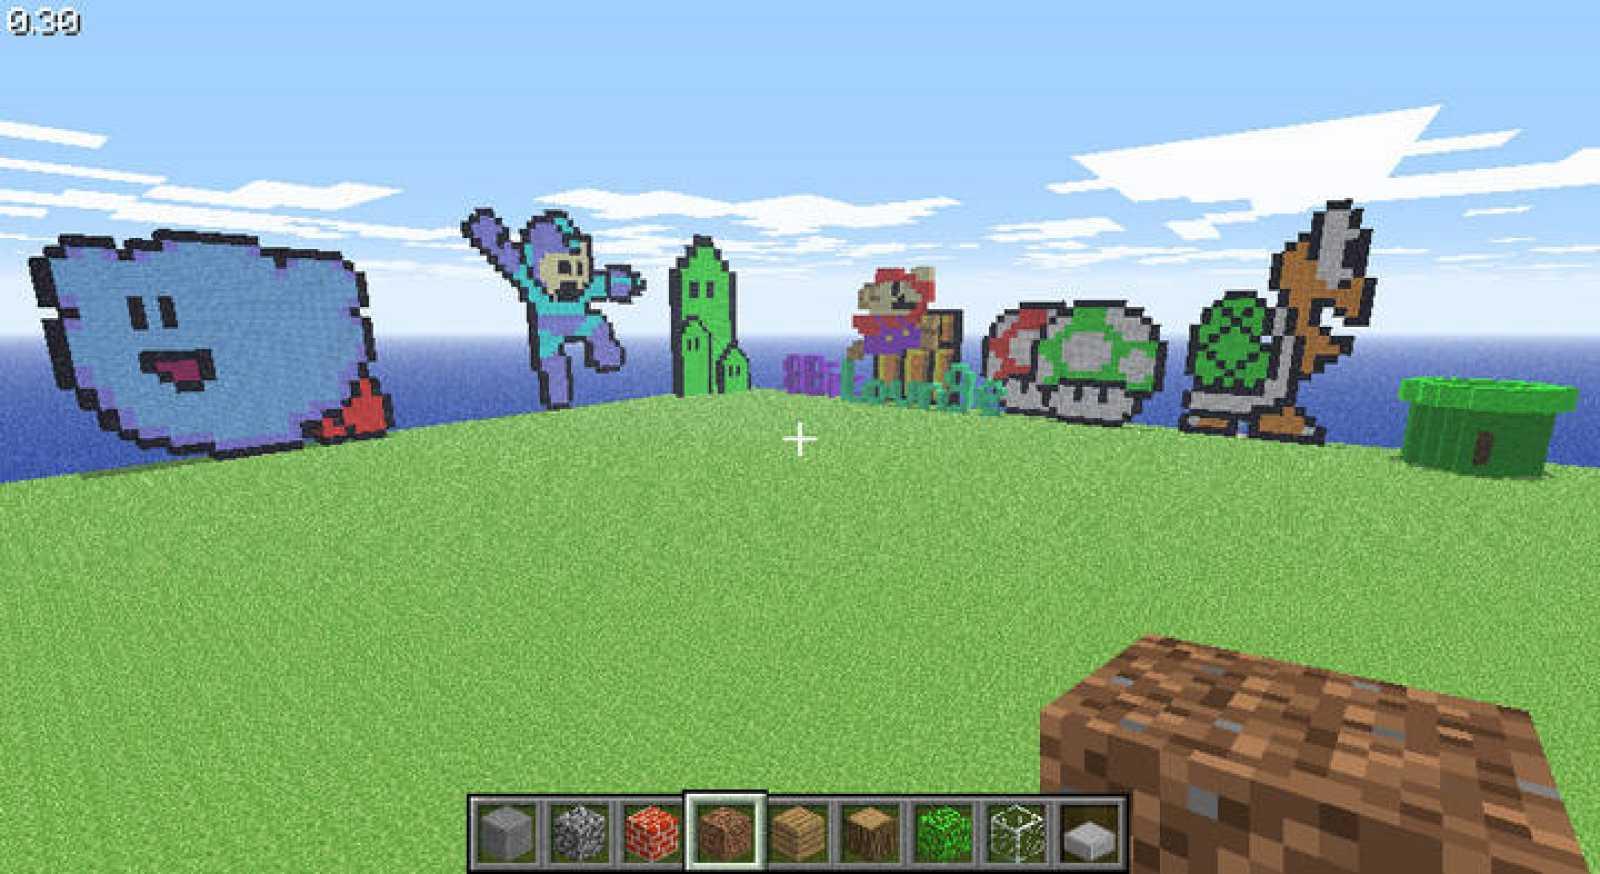 Minecraft no es un juego de marcianitos: no hay princesas que rescatar, ni enemigos a los que disparar, ni carreras en las que competir. Es un mundo de píxeles, con un aspecto retro